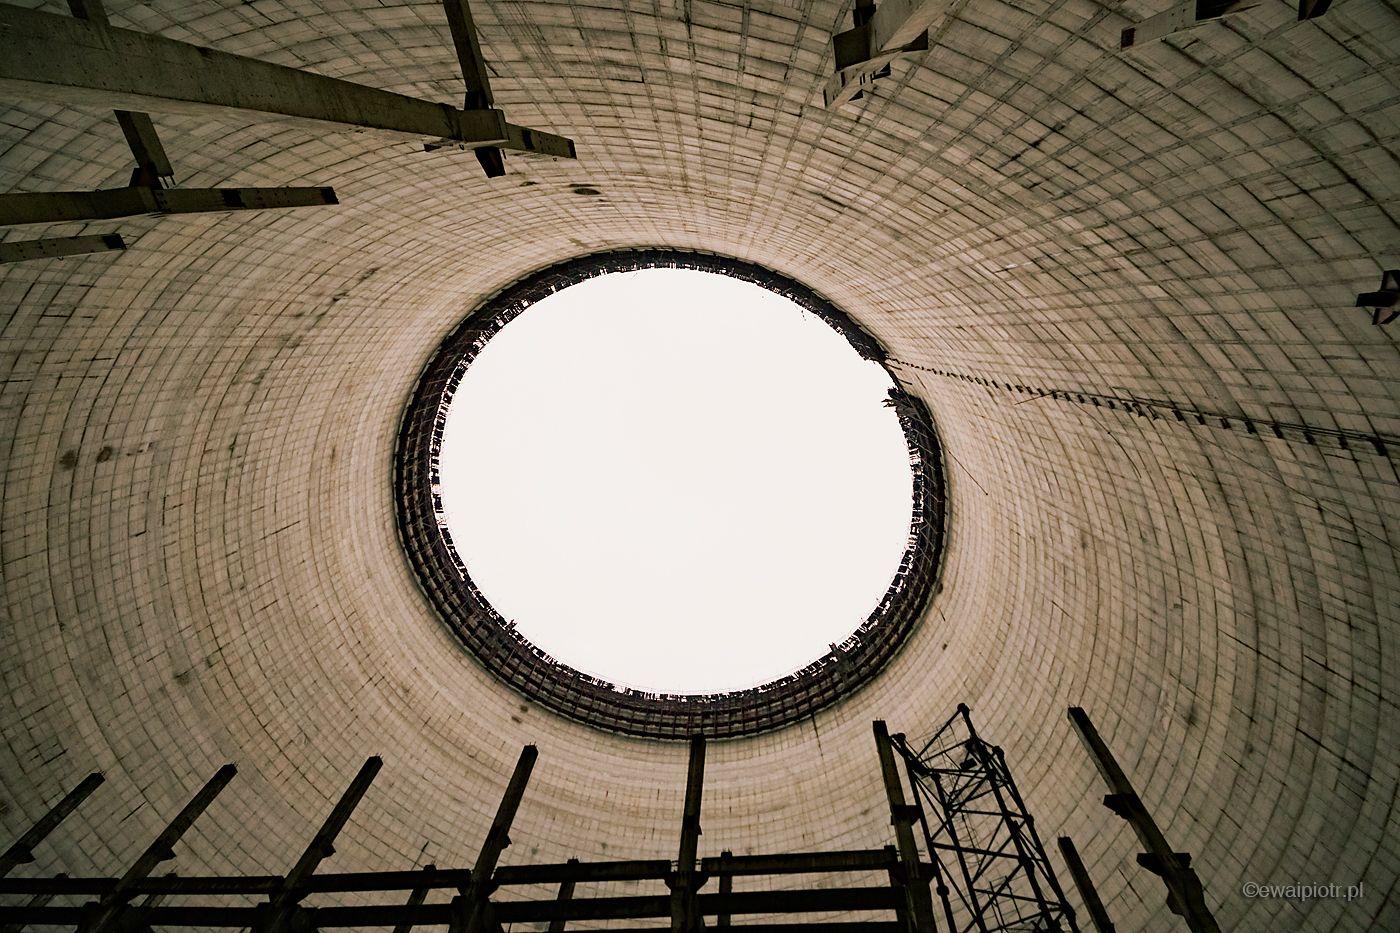 Chłodnia kominowa, reaktor jądrowy Czarnobyl